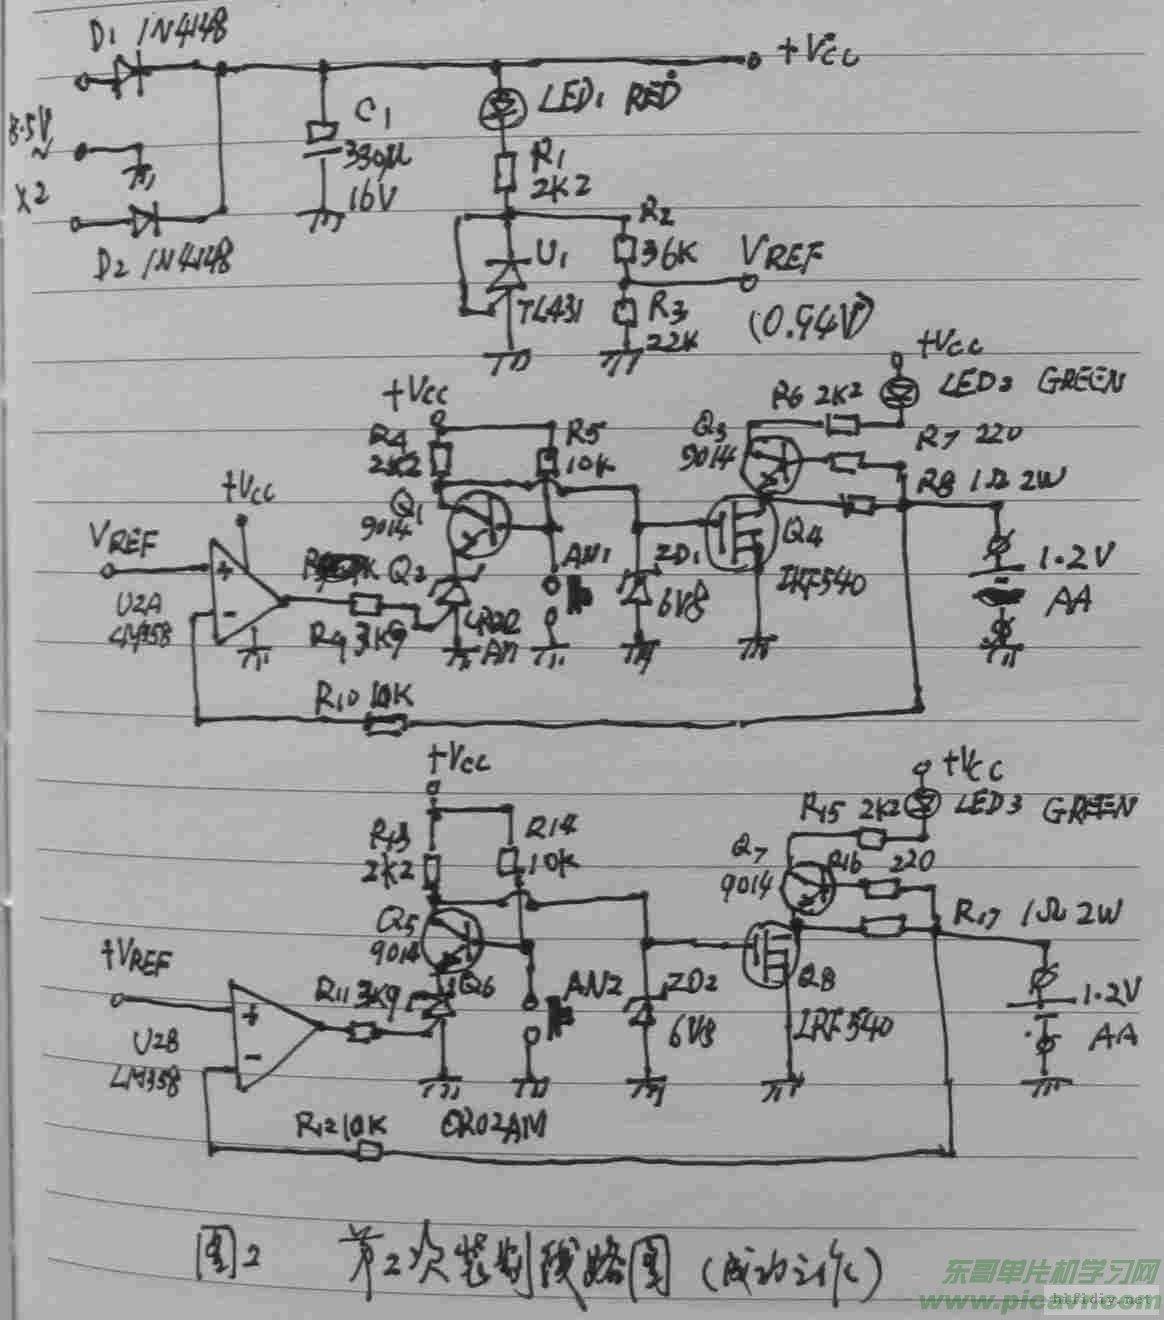 当lm358检测到电池电压